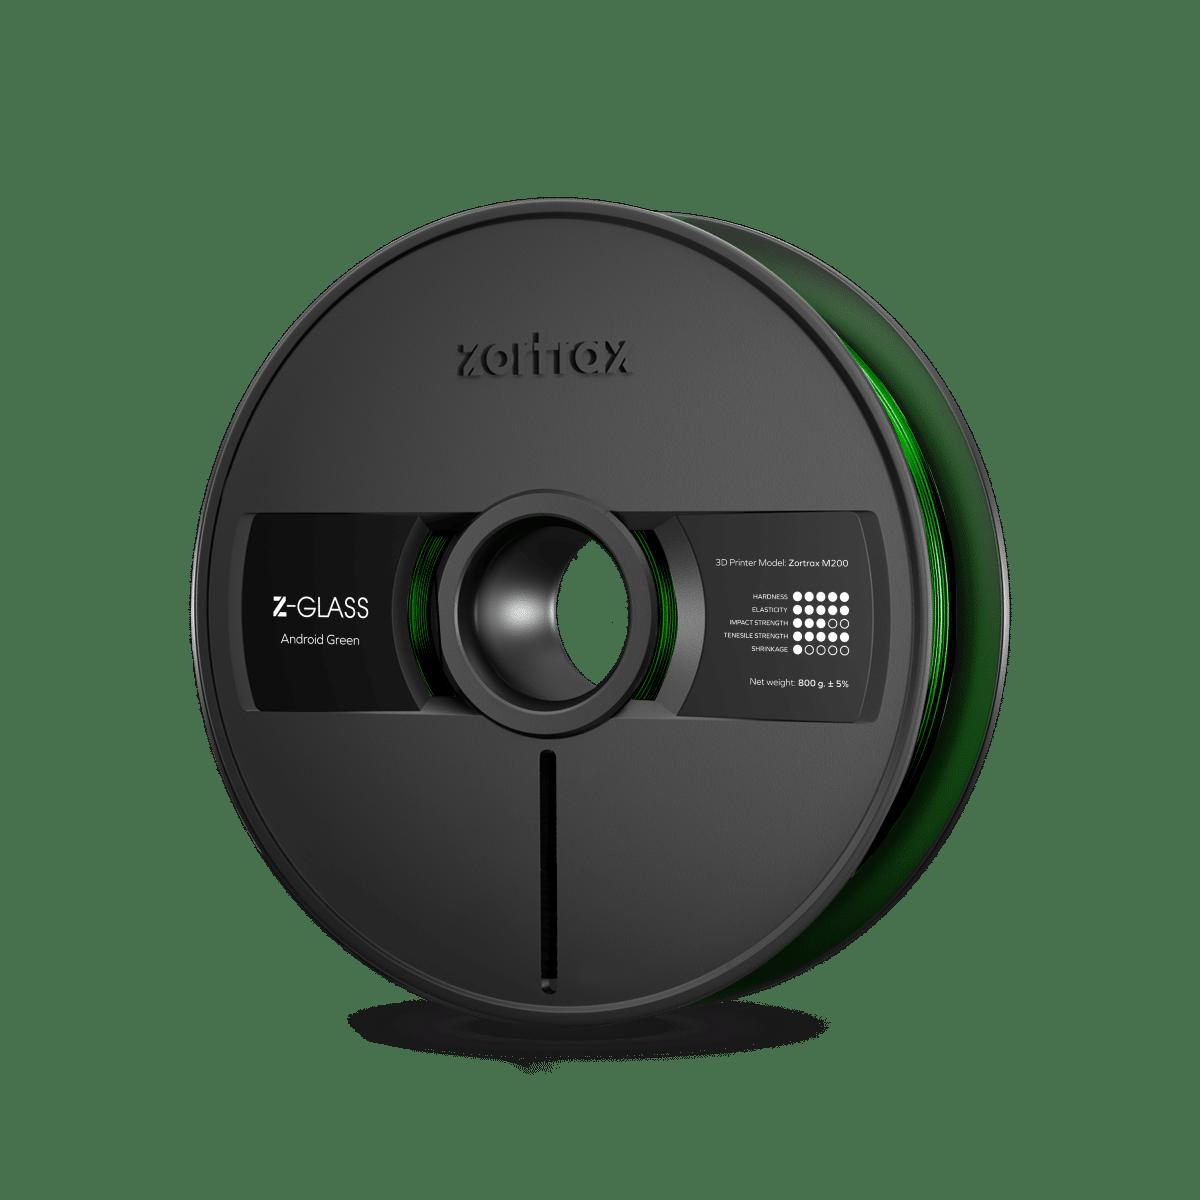 Billede af Zortrax Z-GLASS - 1.75mm - 800g - Android Green